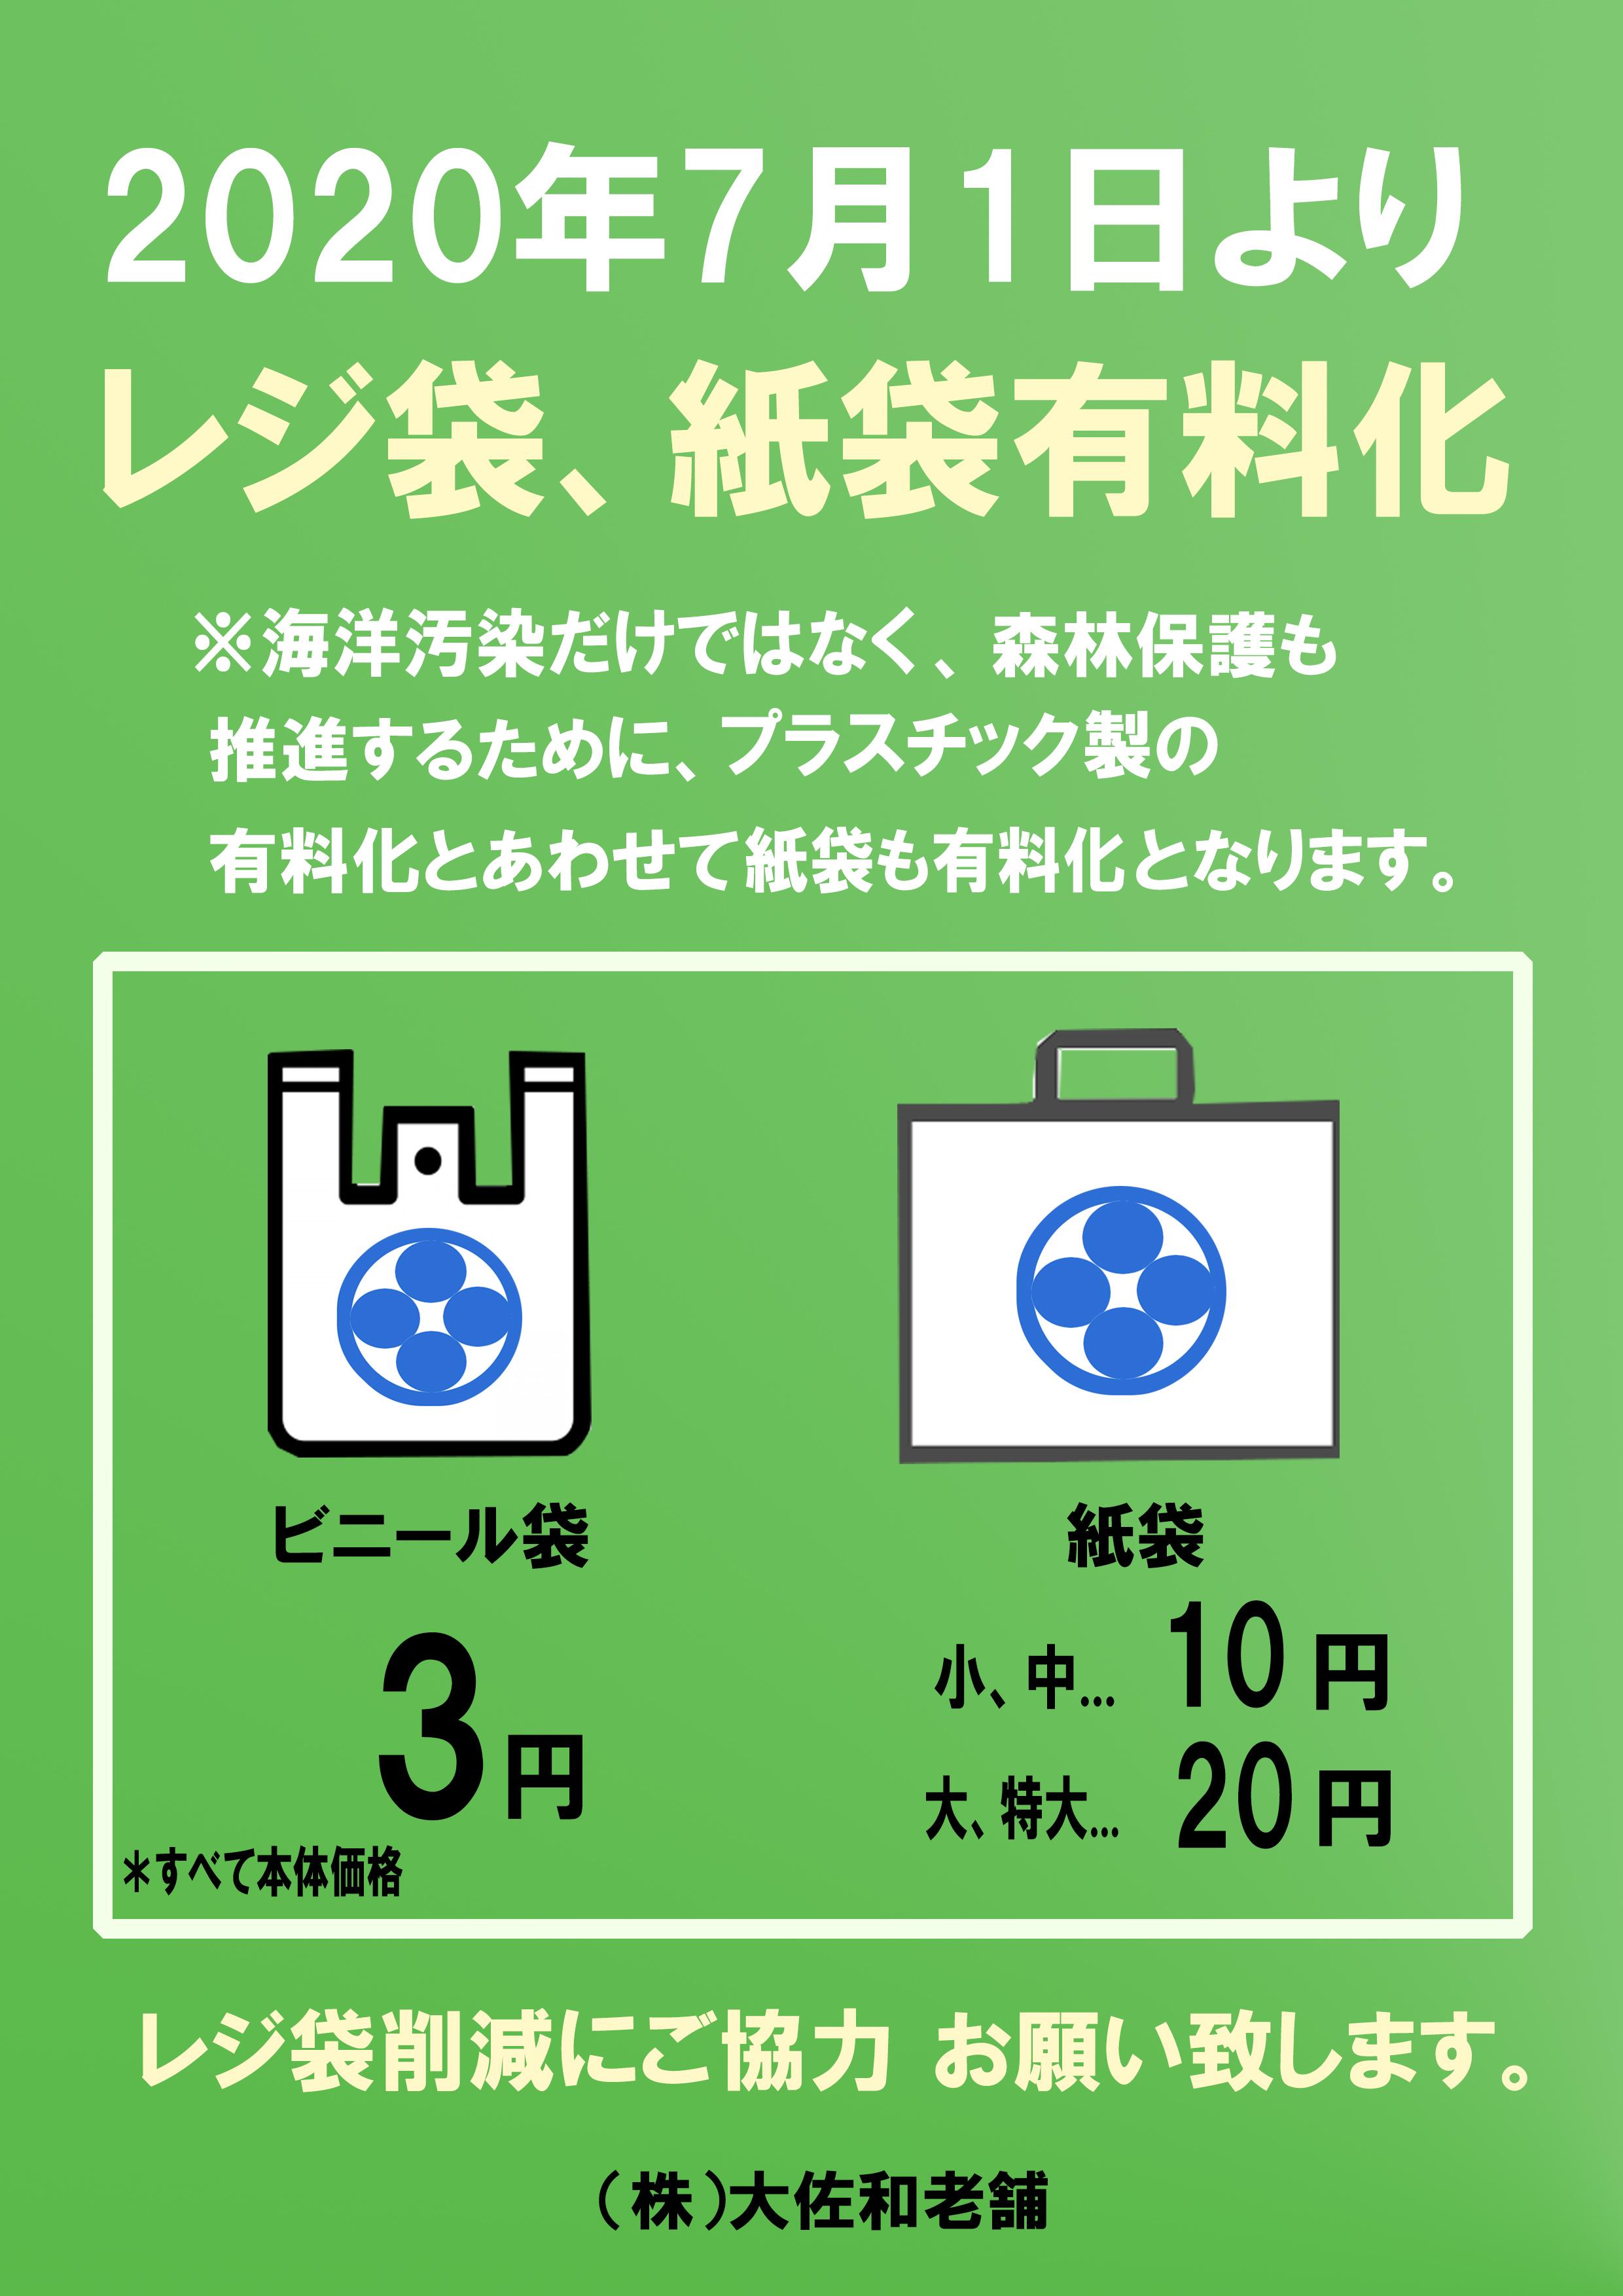 お客様へ~重要なお知らせ・レジ袋、紙袋有料化について〜